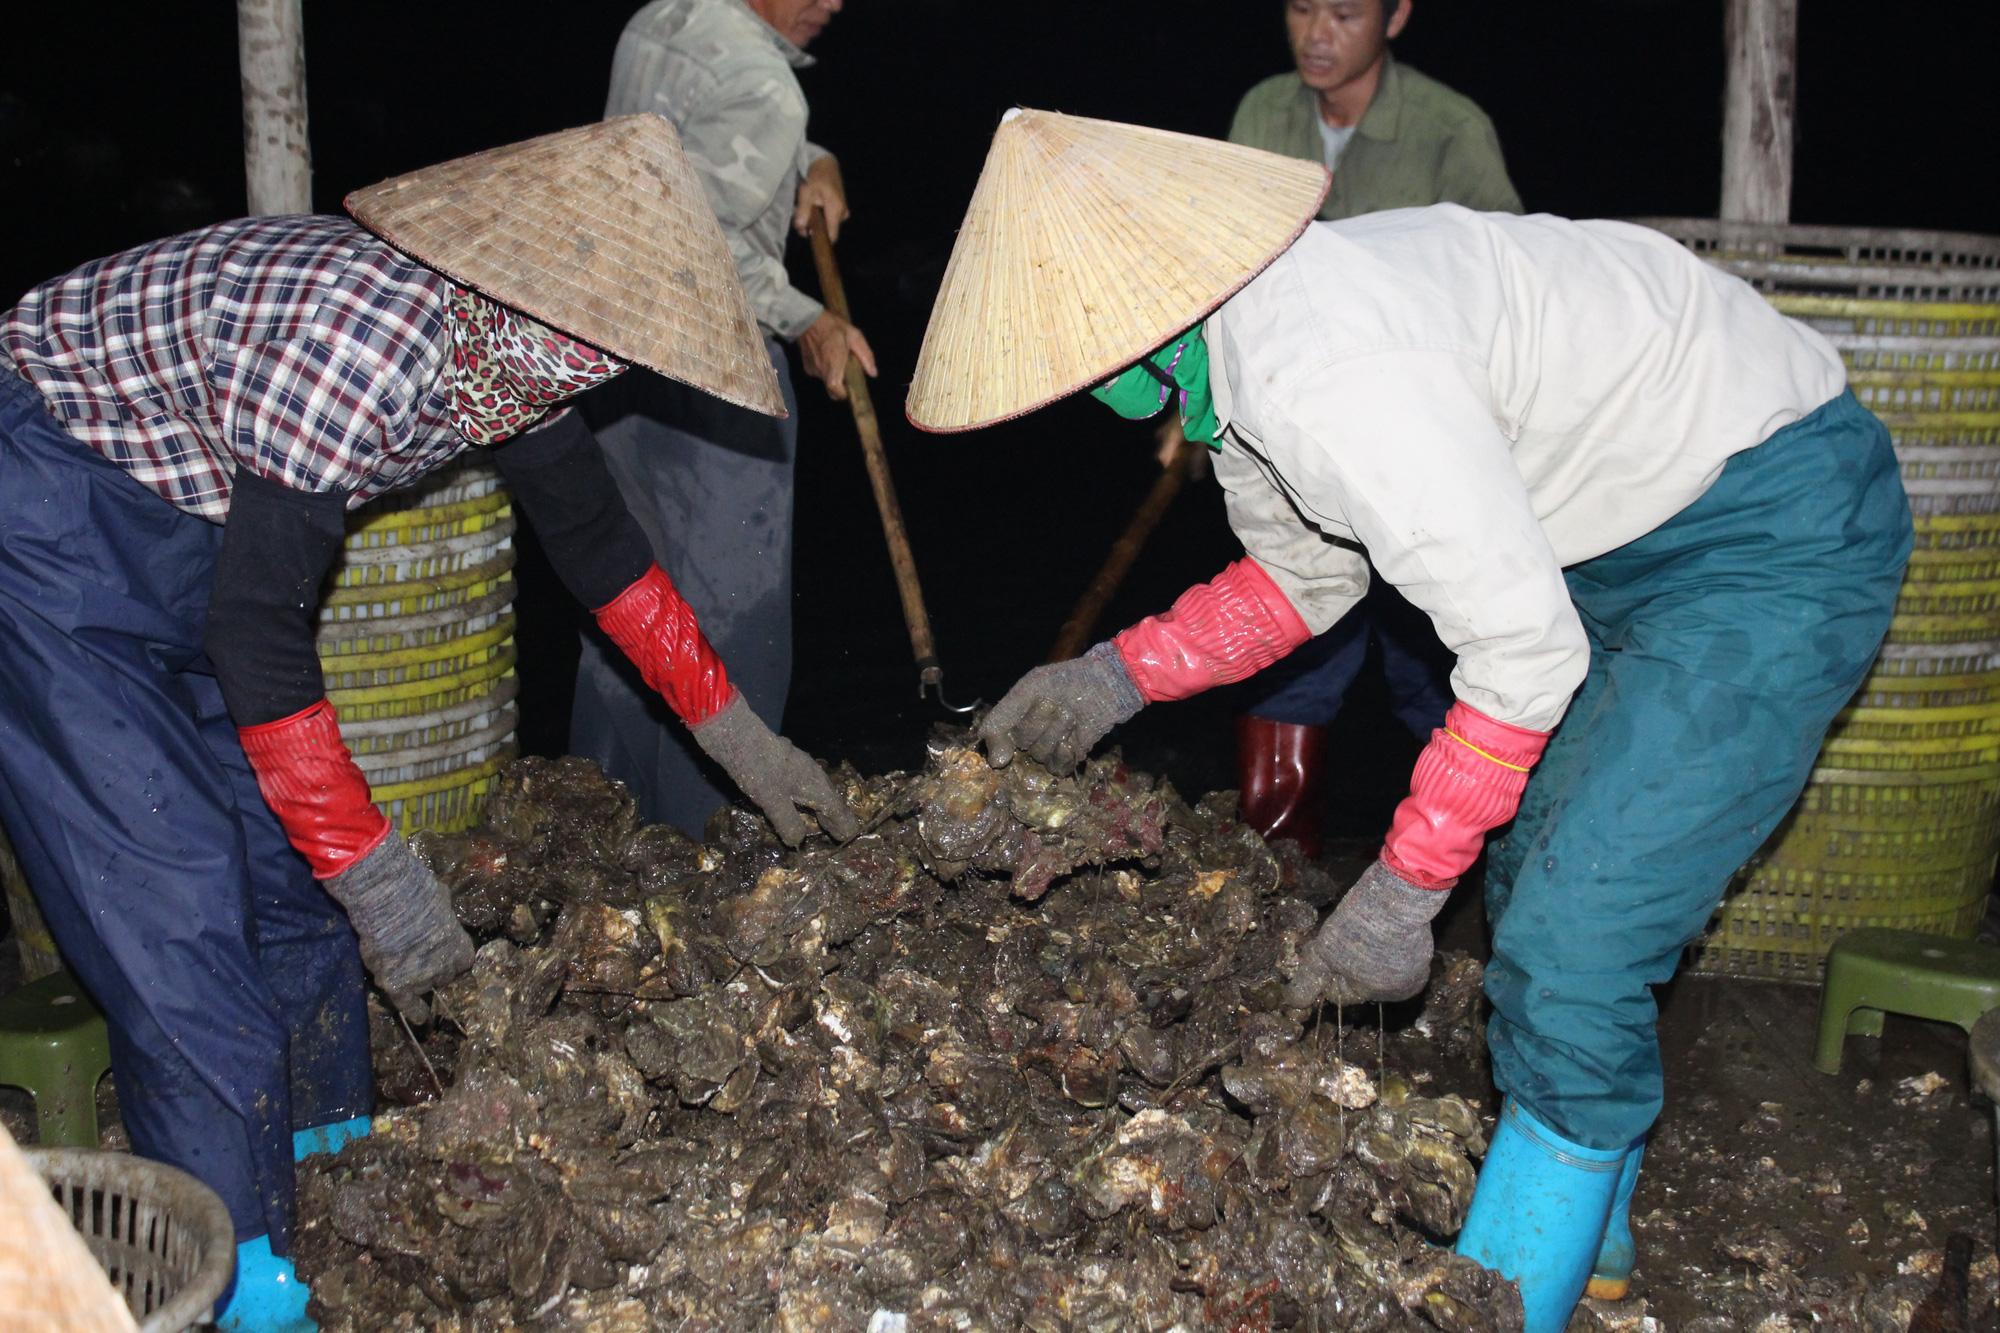 Quảng Ninh: Hàu sữa rớt giá vì dịch COVID-19, ngư dân trắng đêm thu hoạch - Ảnh 8.